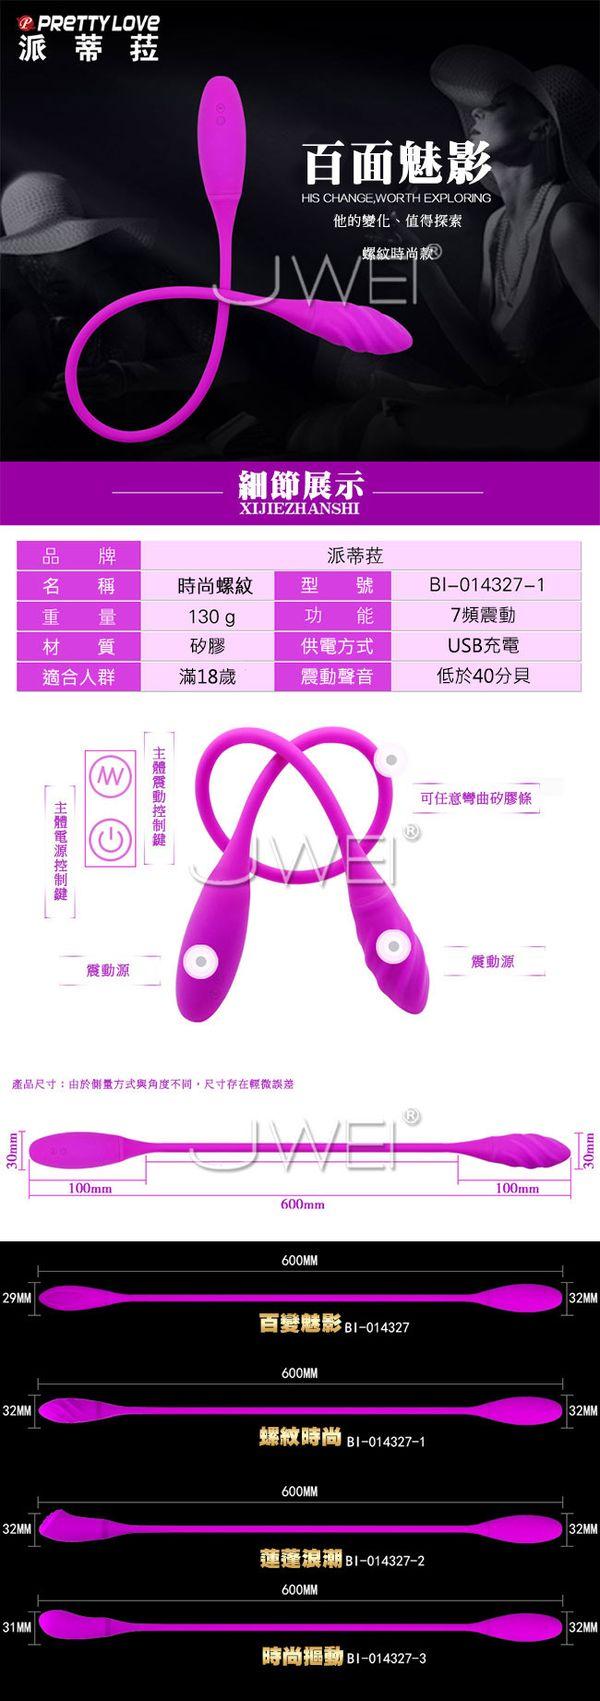 附圖2-Pretty Love.Snaky Vibe螺紋時尚USB充電7段變頻雙馬達前後可用震動按摩器